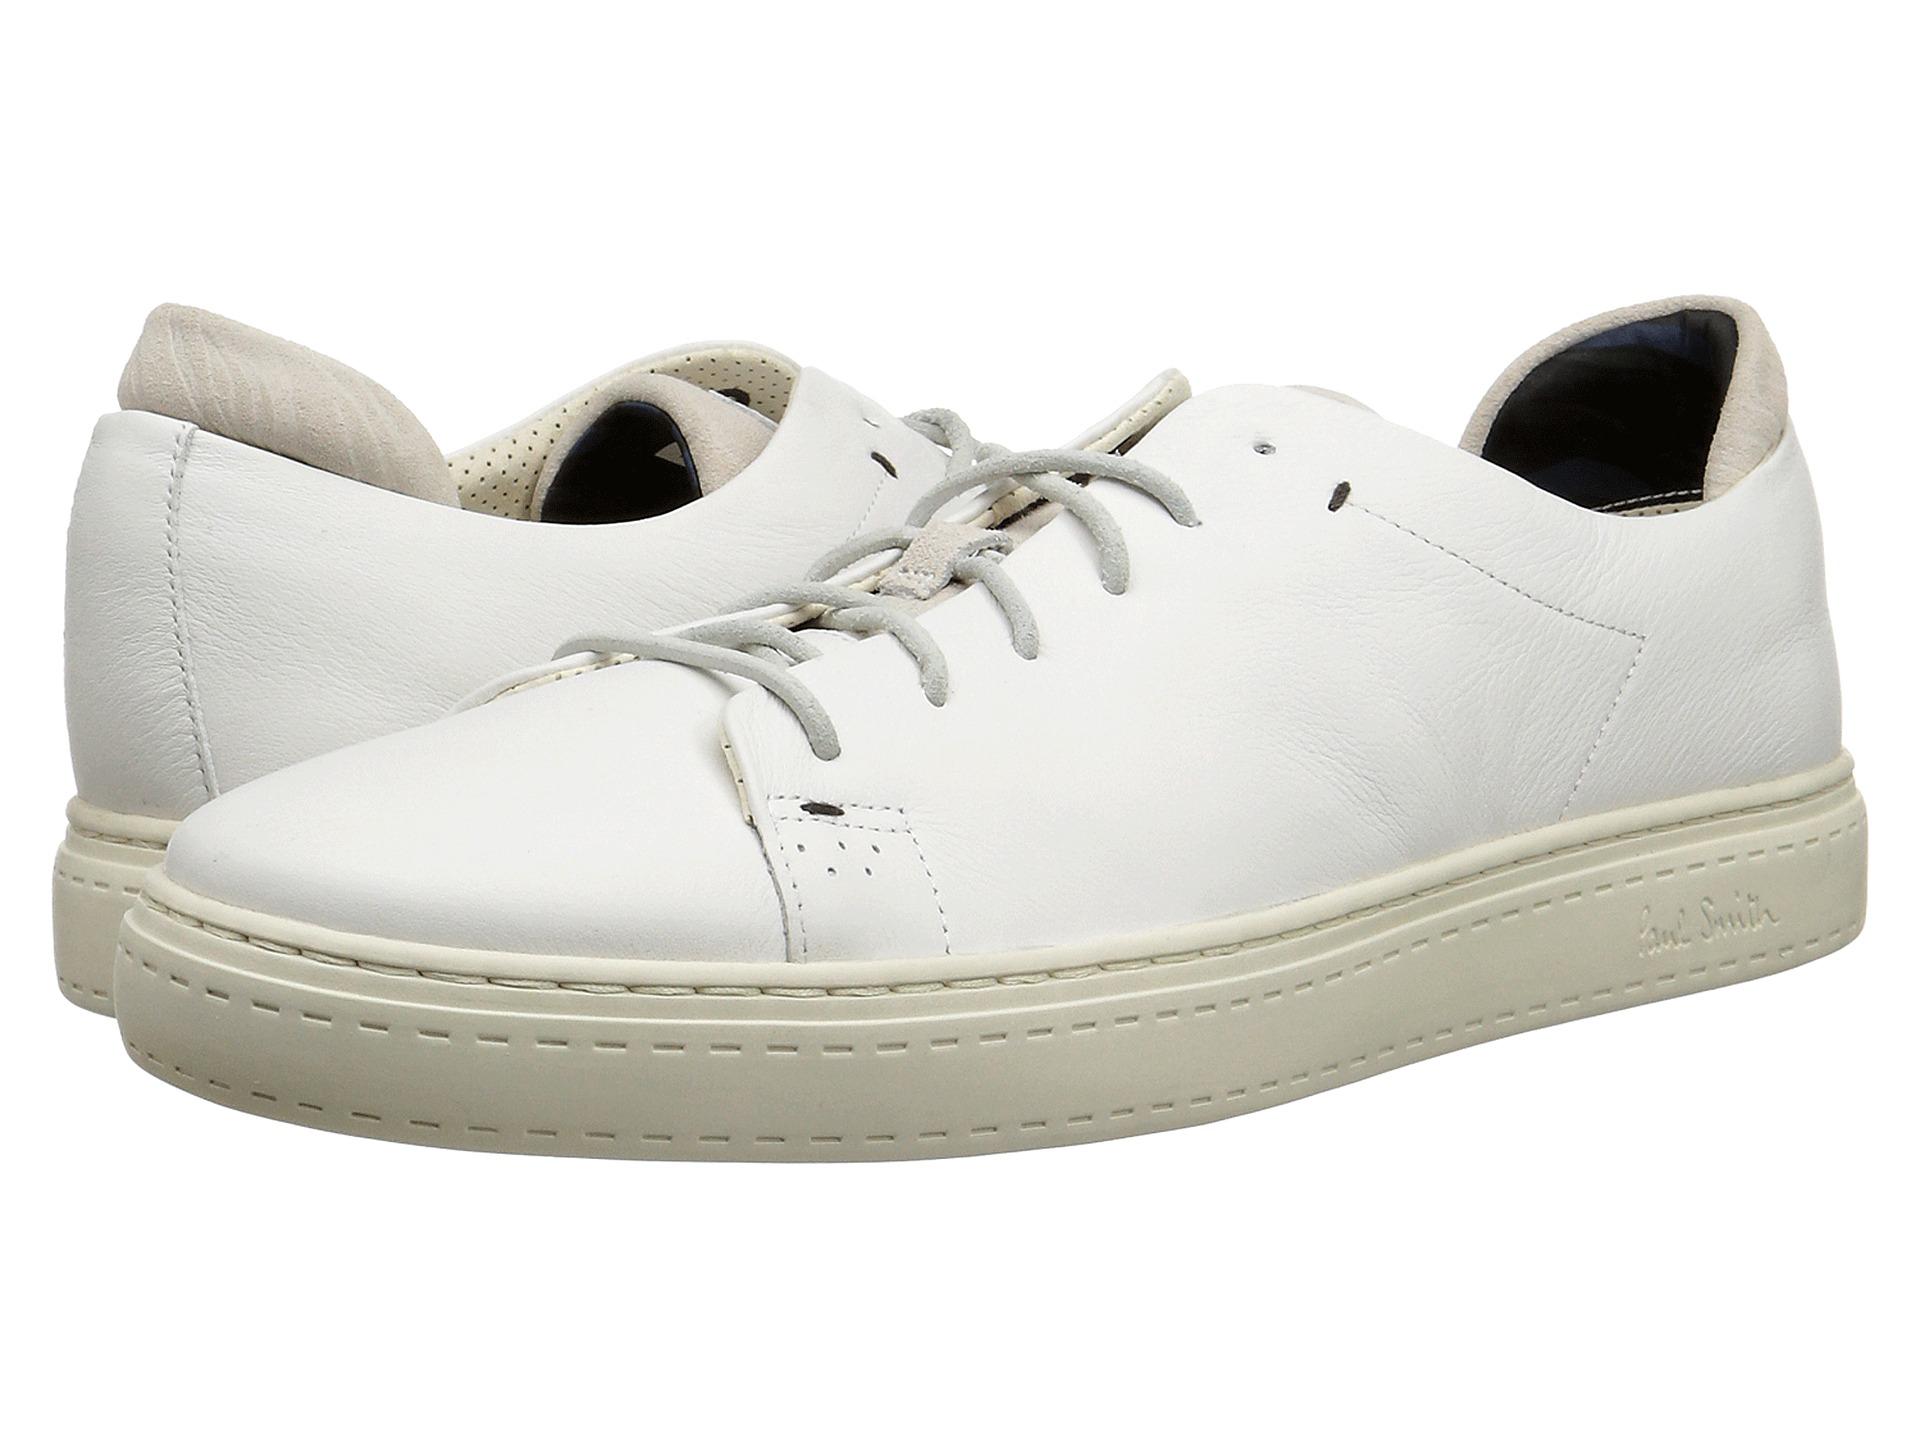 3156526eefb62 Lyst - Paul Smith Mono Lux Bowie Sneaker in White for Men